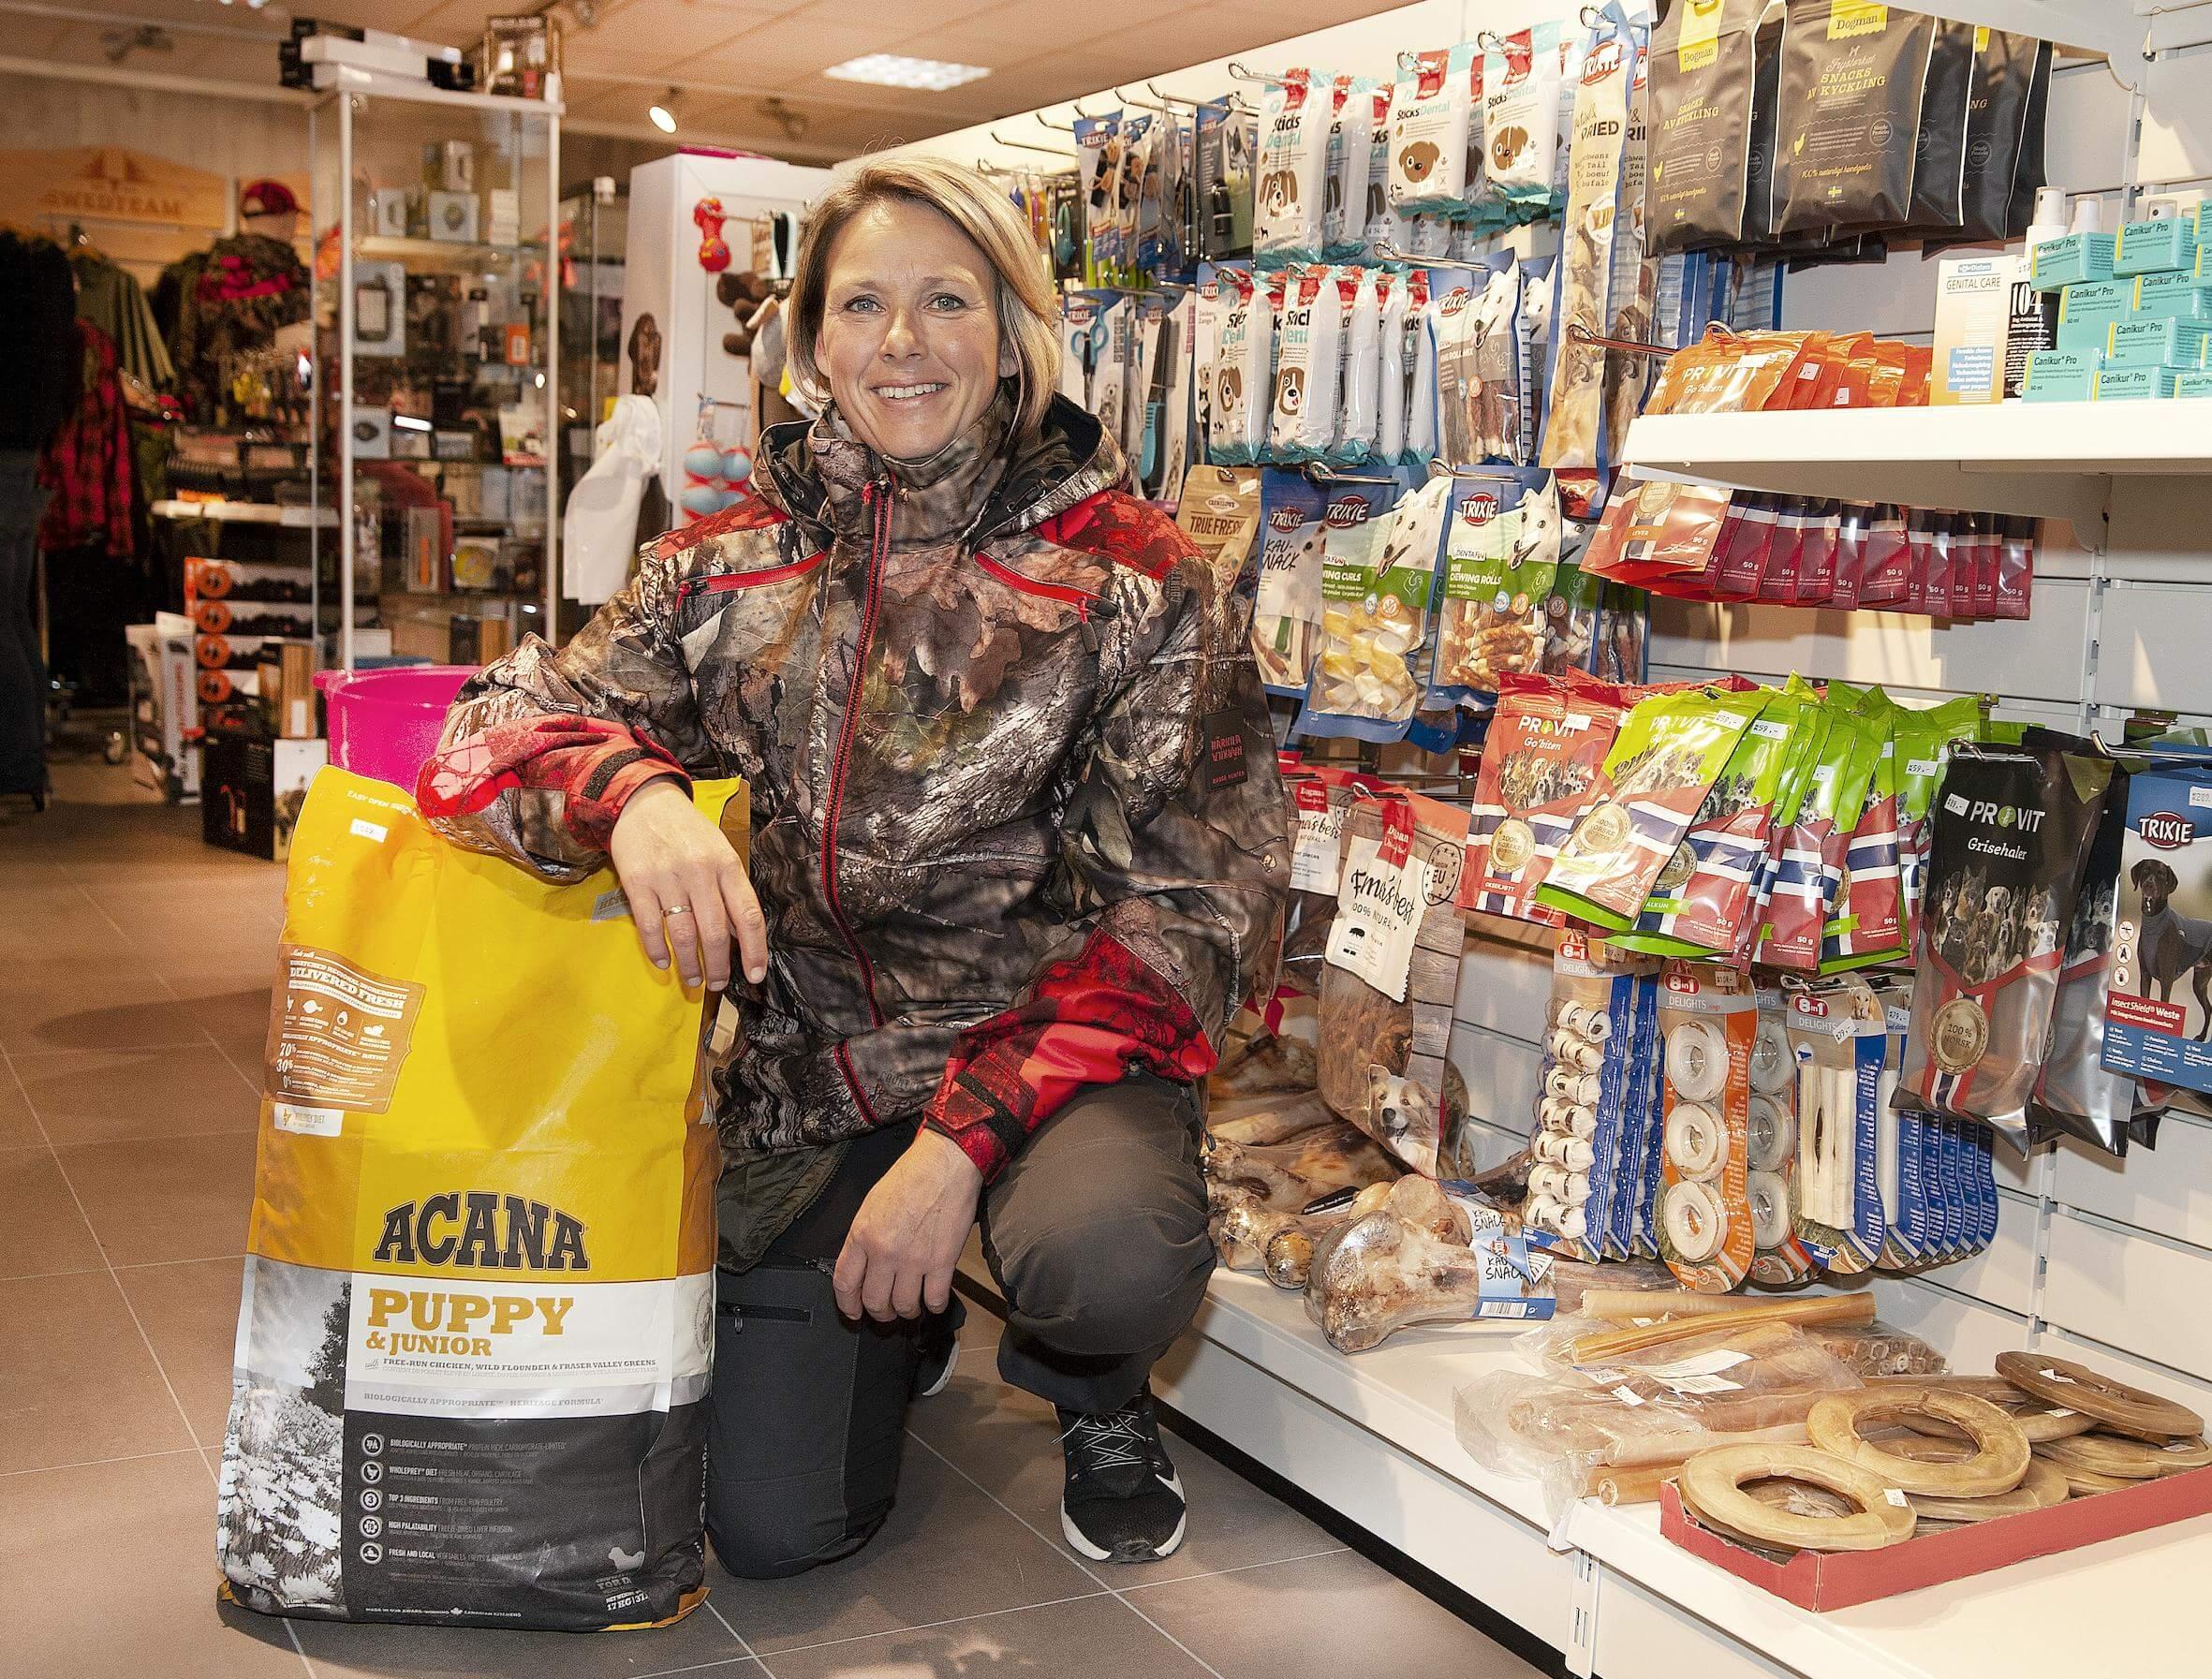 All slags utstyr og fôr til hund, enten du skal på jakt eller ikke med hunden din, finner du hos butikkmedarbeider Siv Hege Pedersen og Helgeland Villmarksenter i Rana.